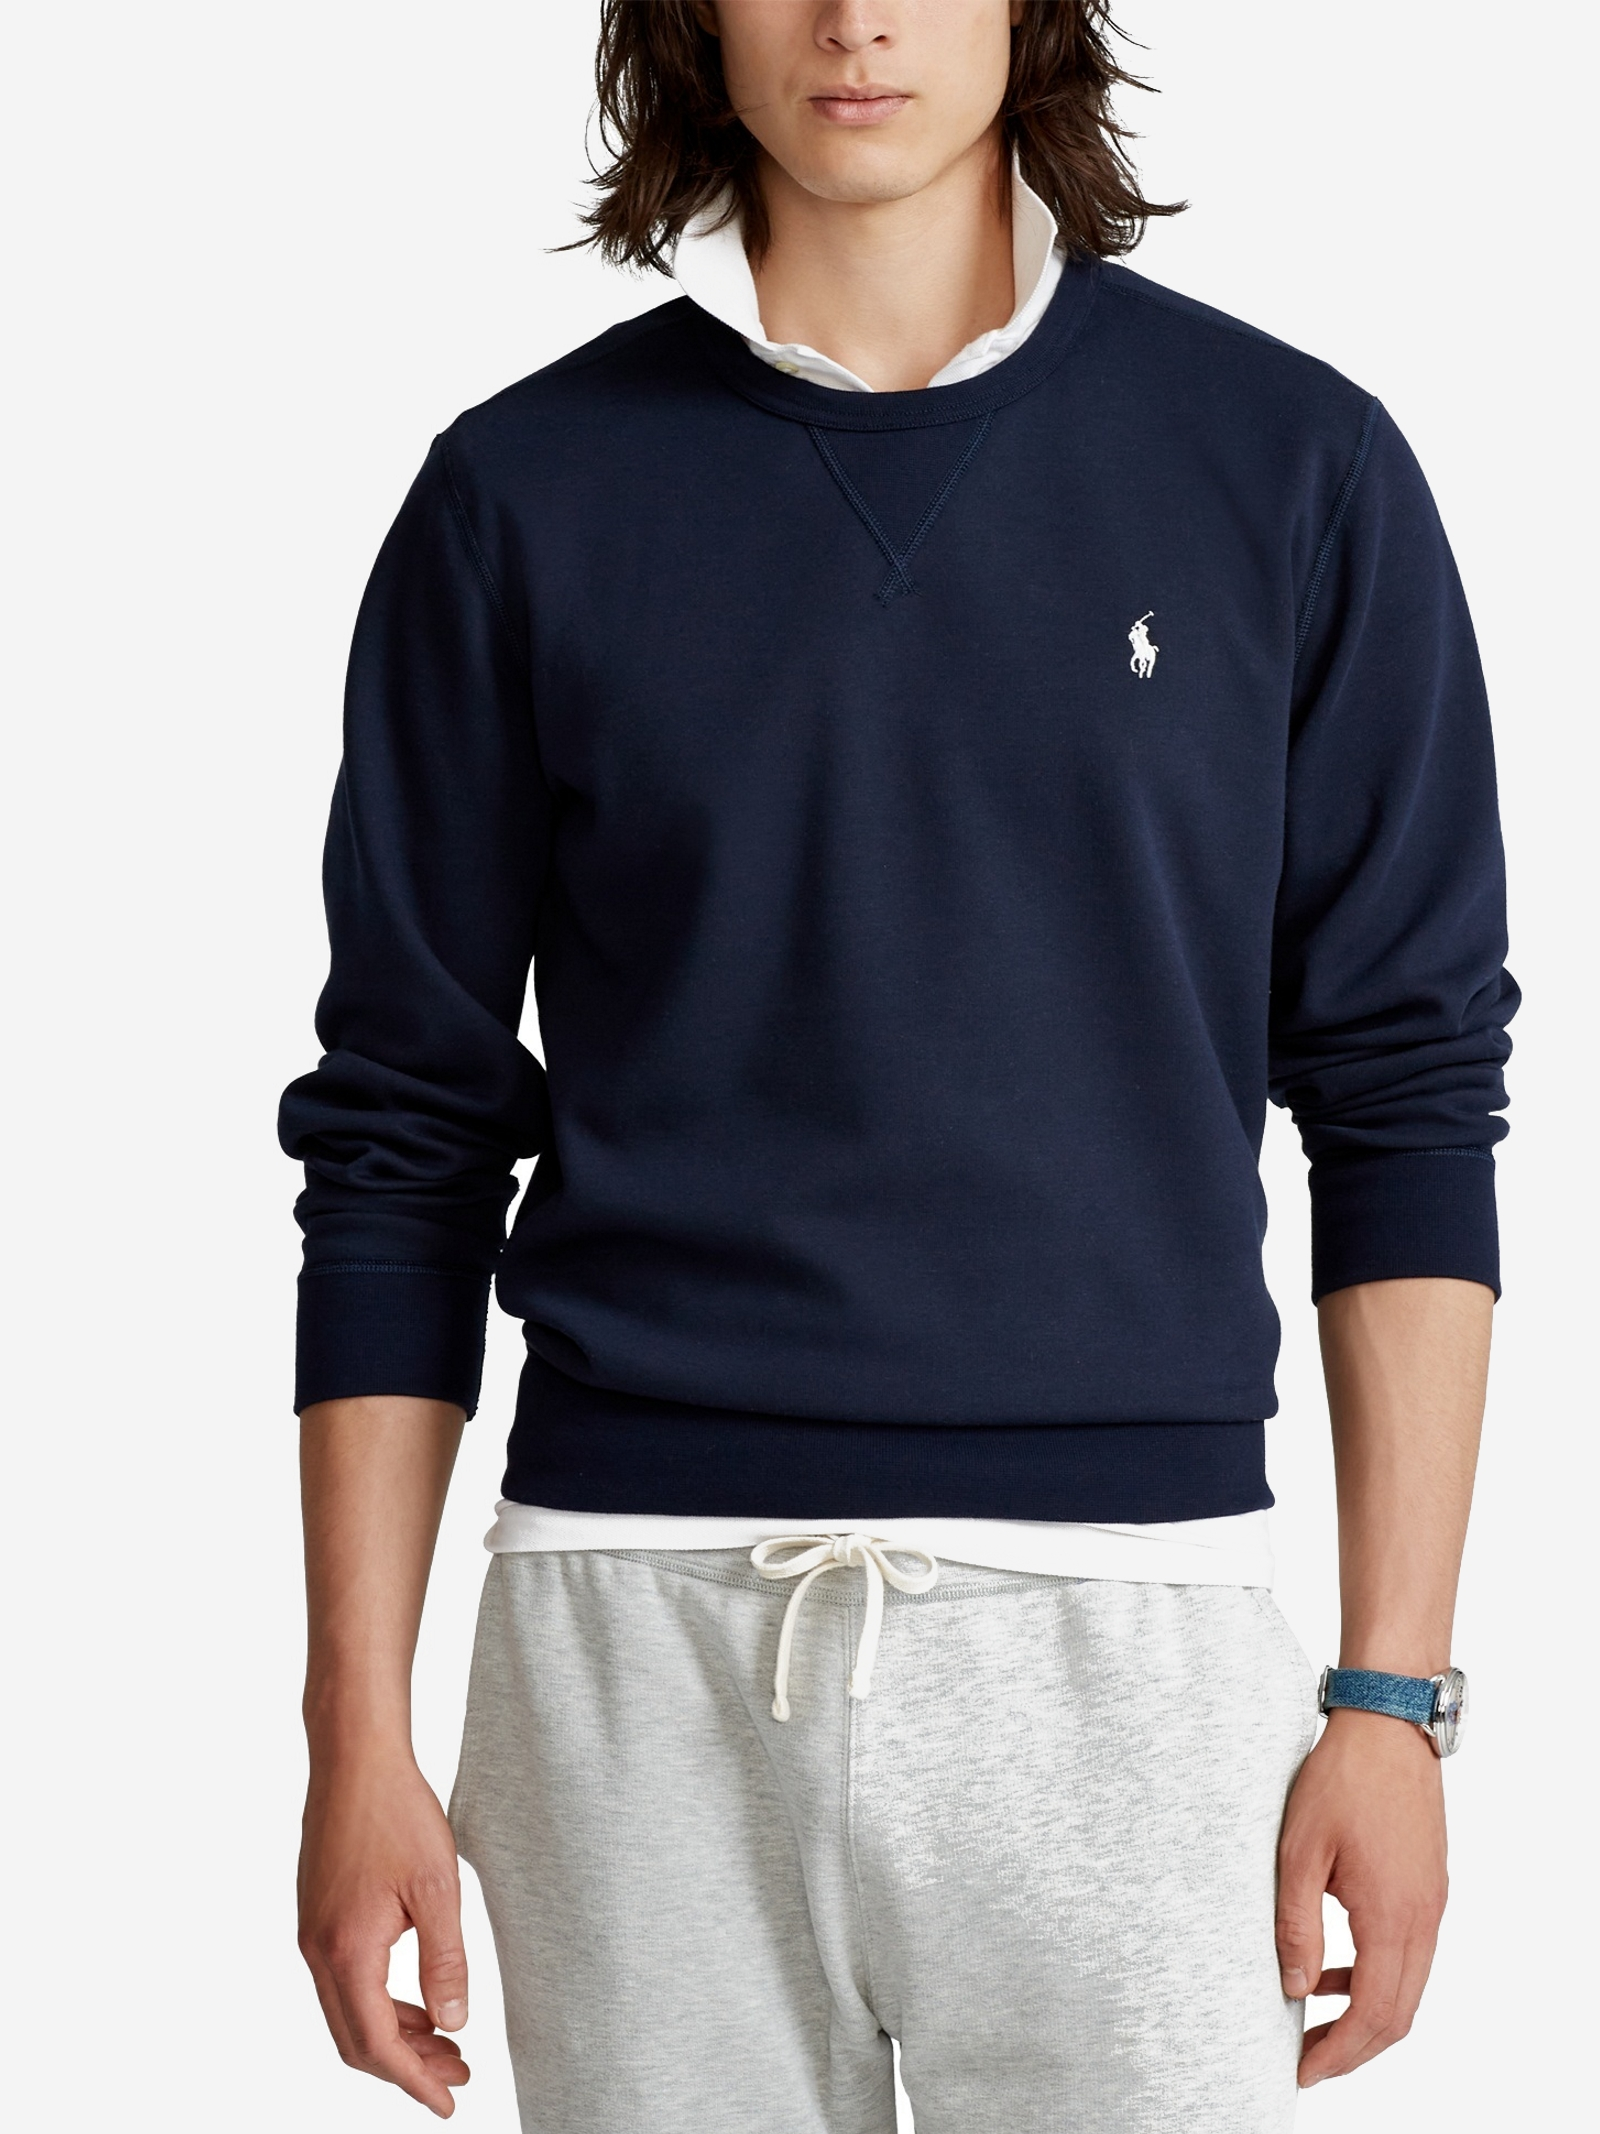 Sweatshirt Polo Ralph Lauren POLO RALPH LAUREN | -108764232 | 710675313017